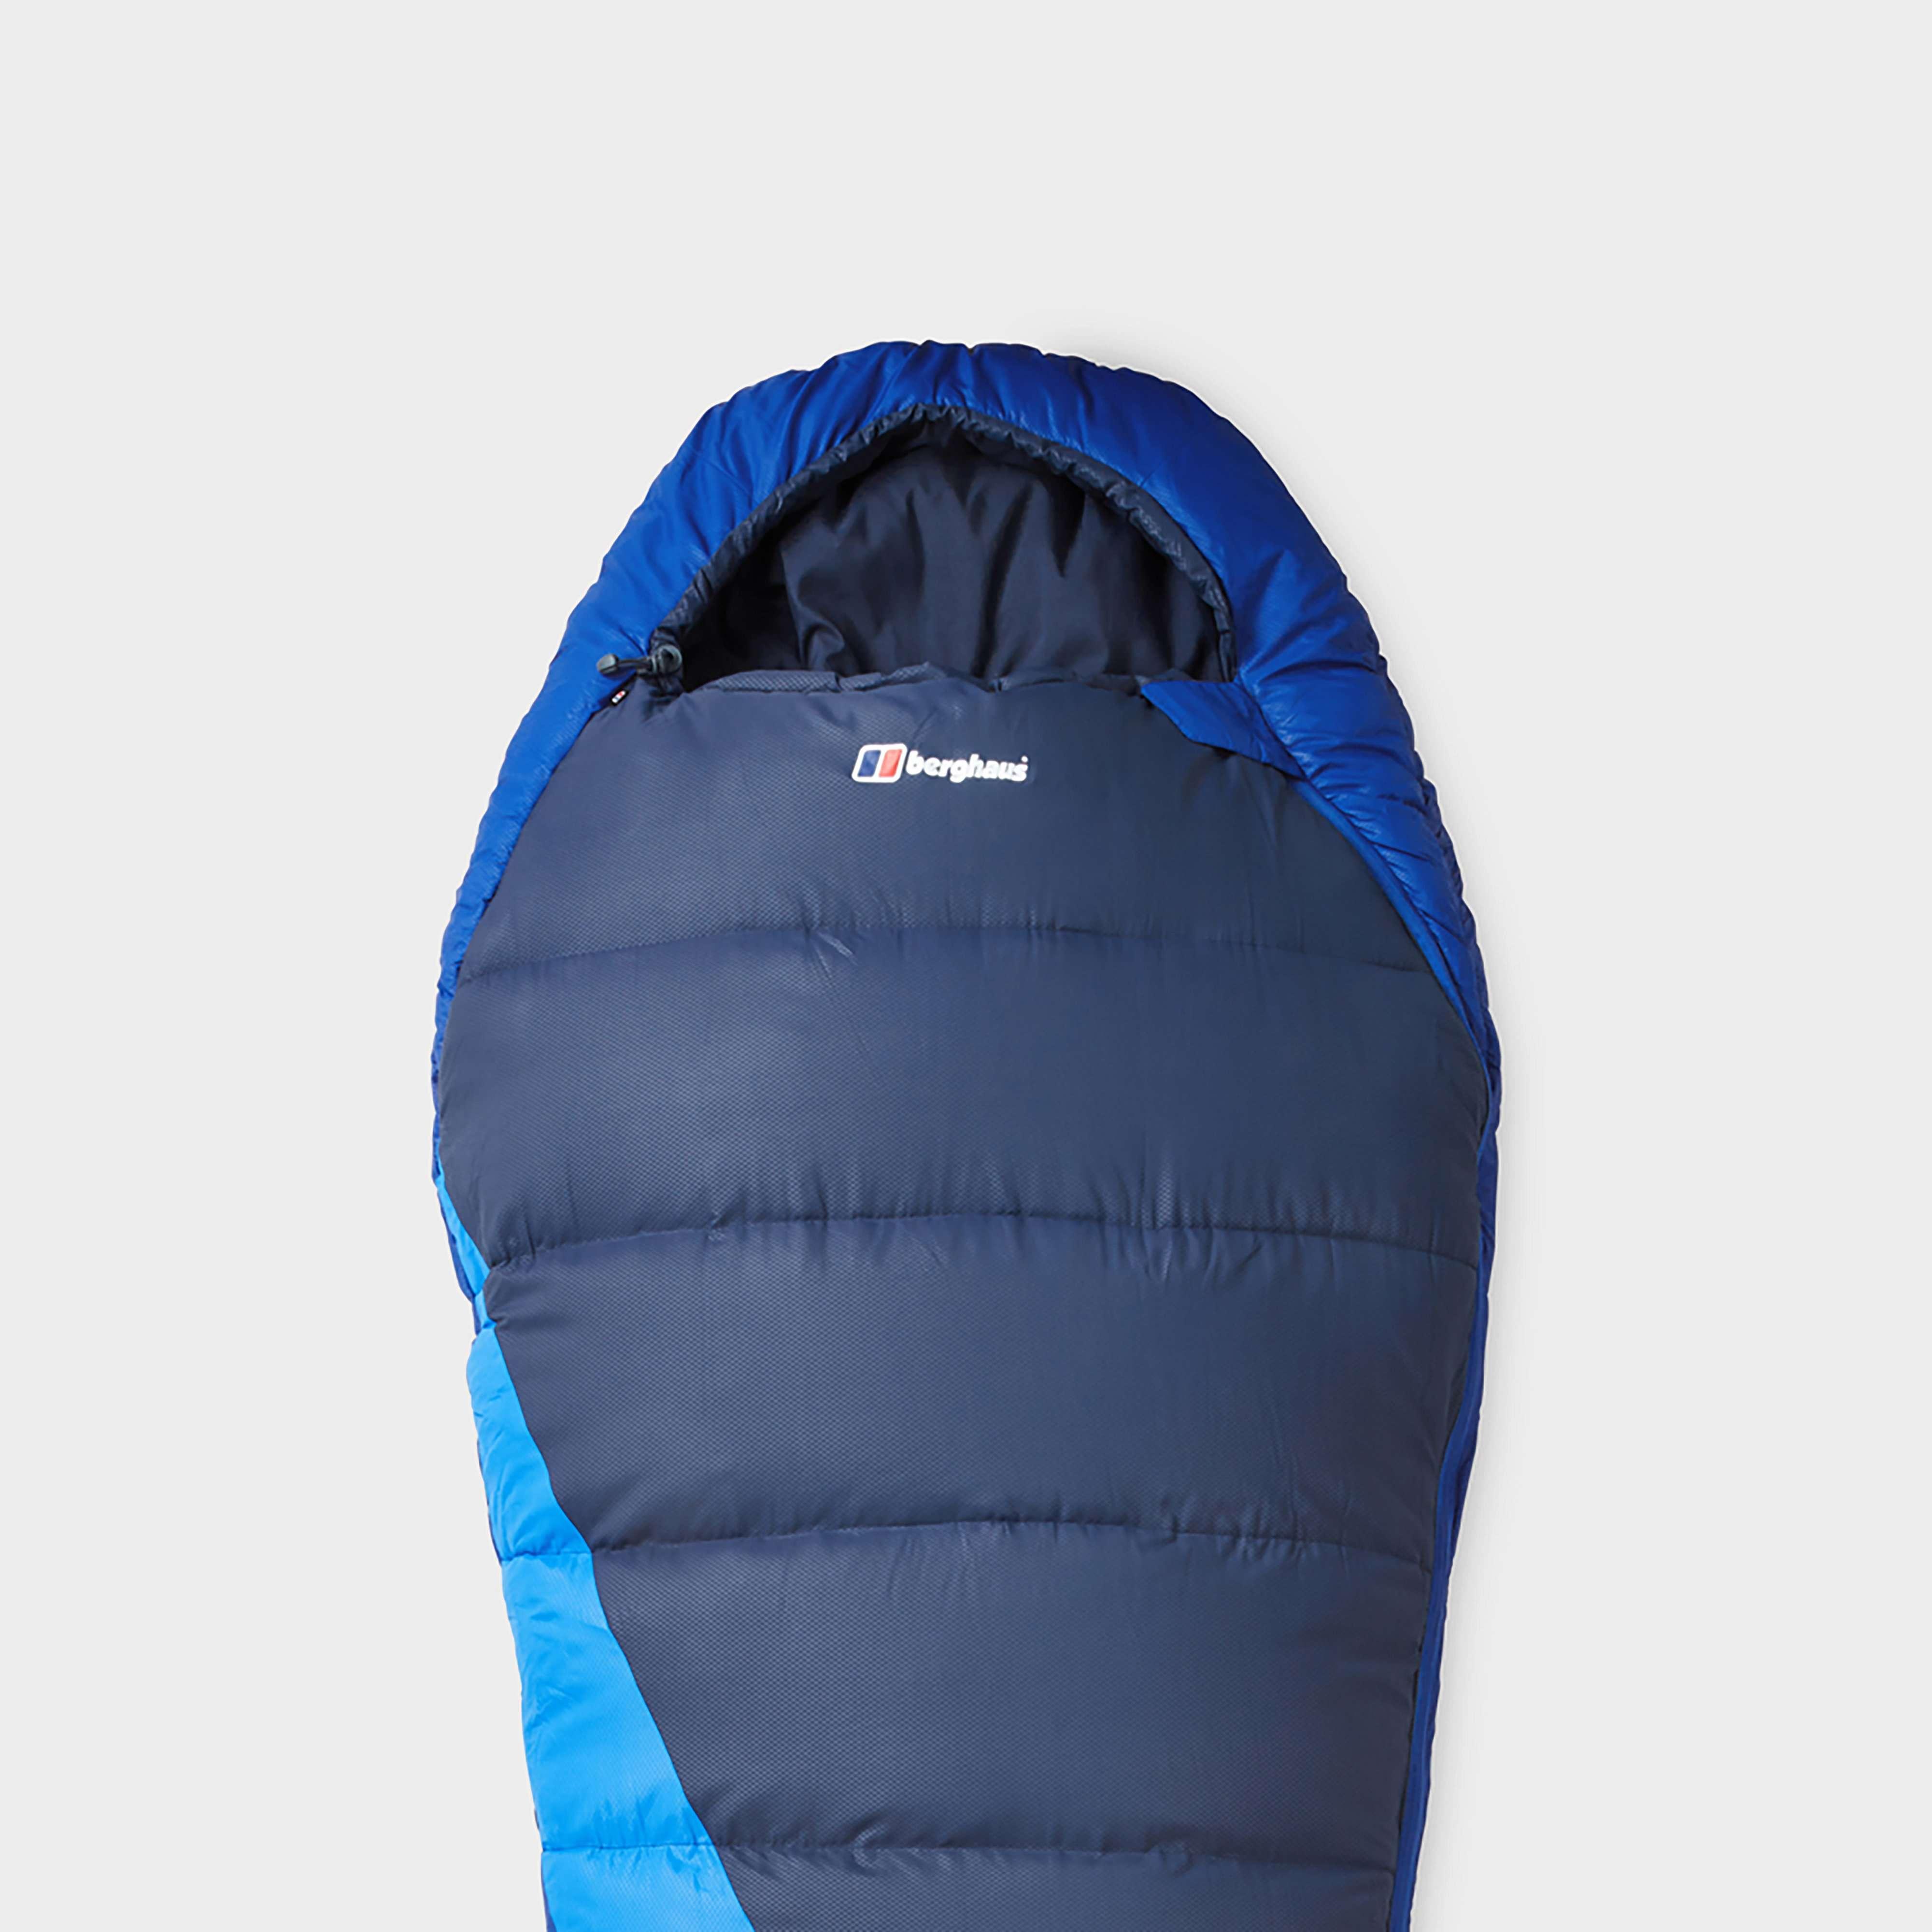 BERGHAUS Transition 200 XL Sleeping Bag